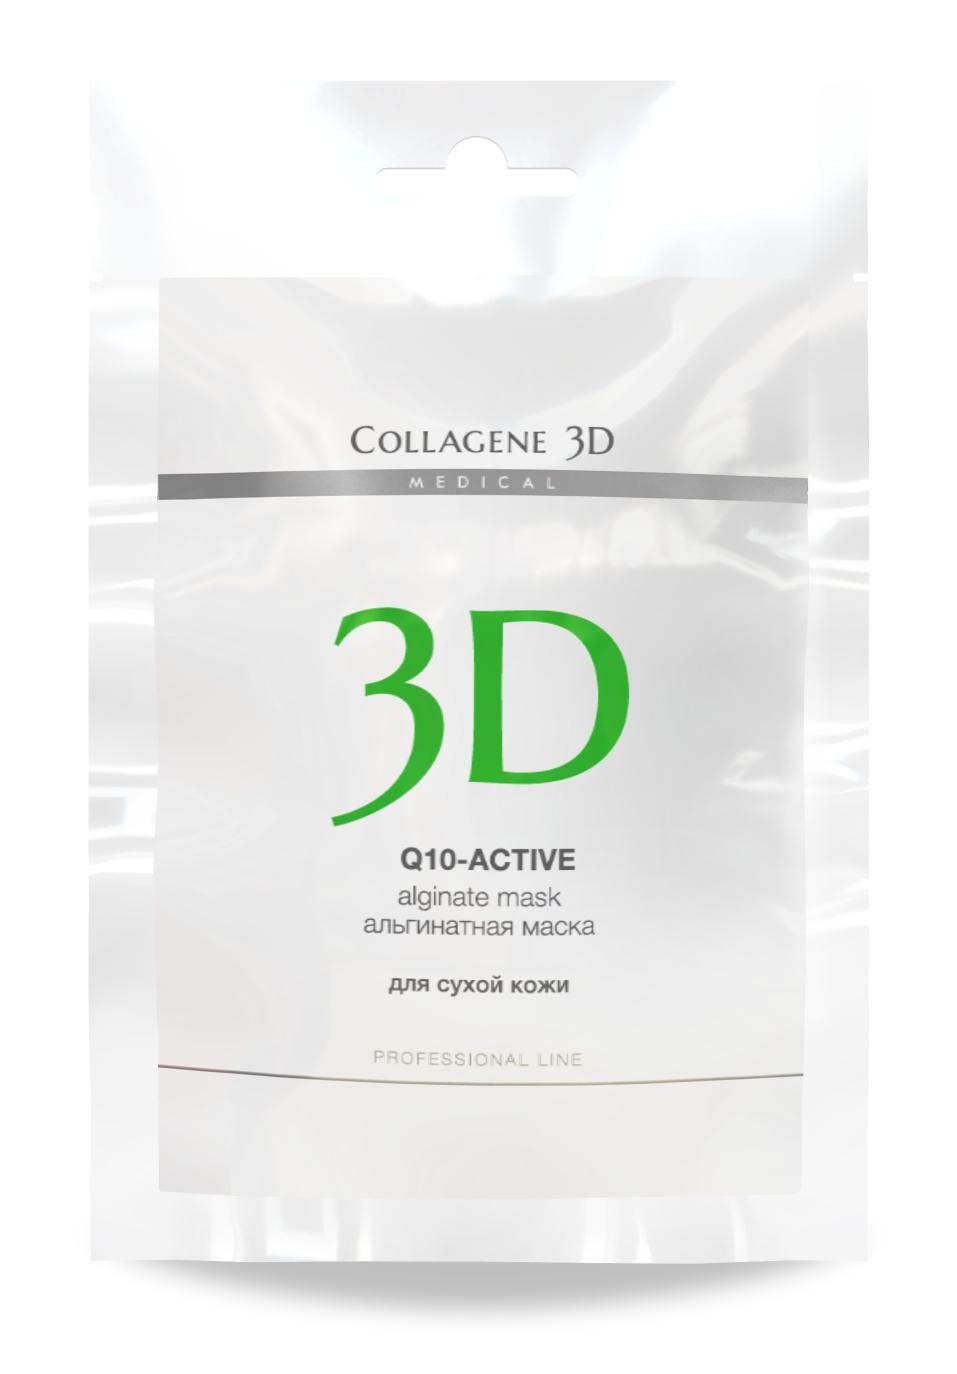 MEDICAL COLLAGENE 3D Маска альгинатная с маслом арганы и коэнзимом Q10 для лица и тела / Q10-active 30 г